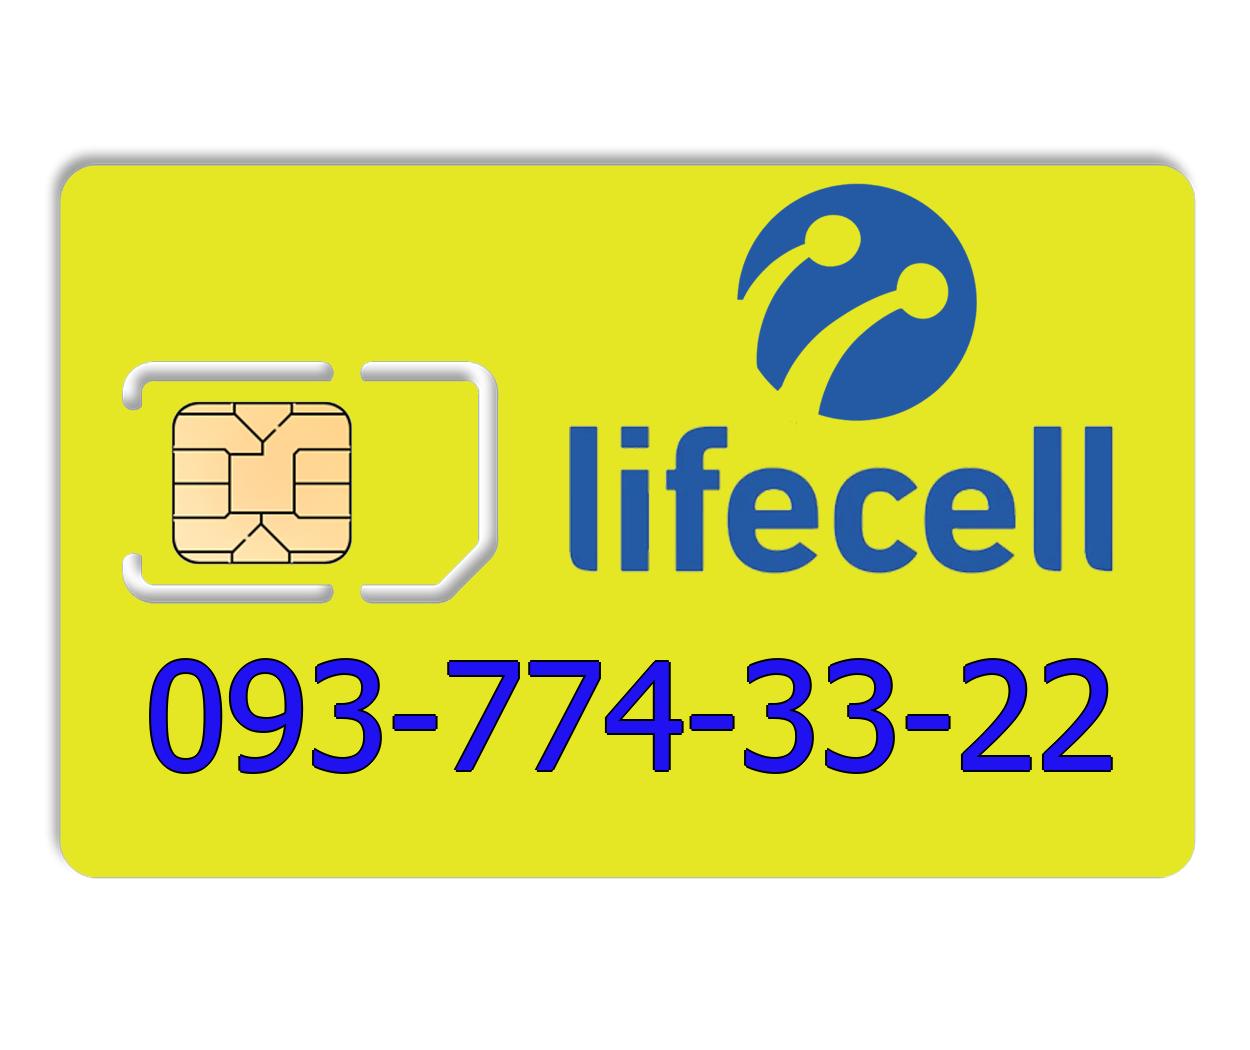 Красивый номер lifecell 093-774-33-22